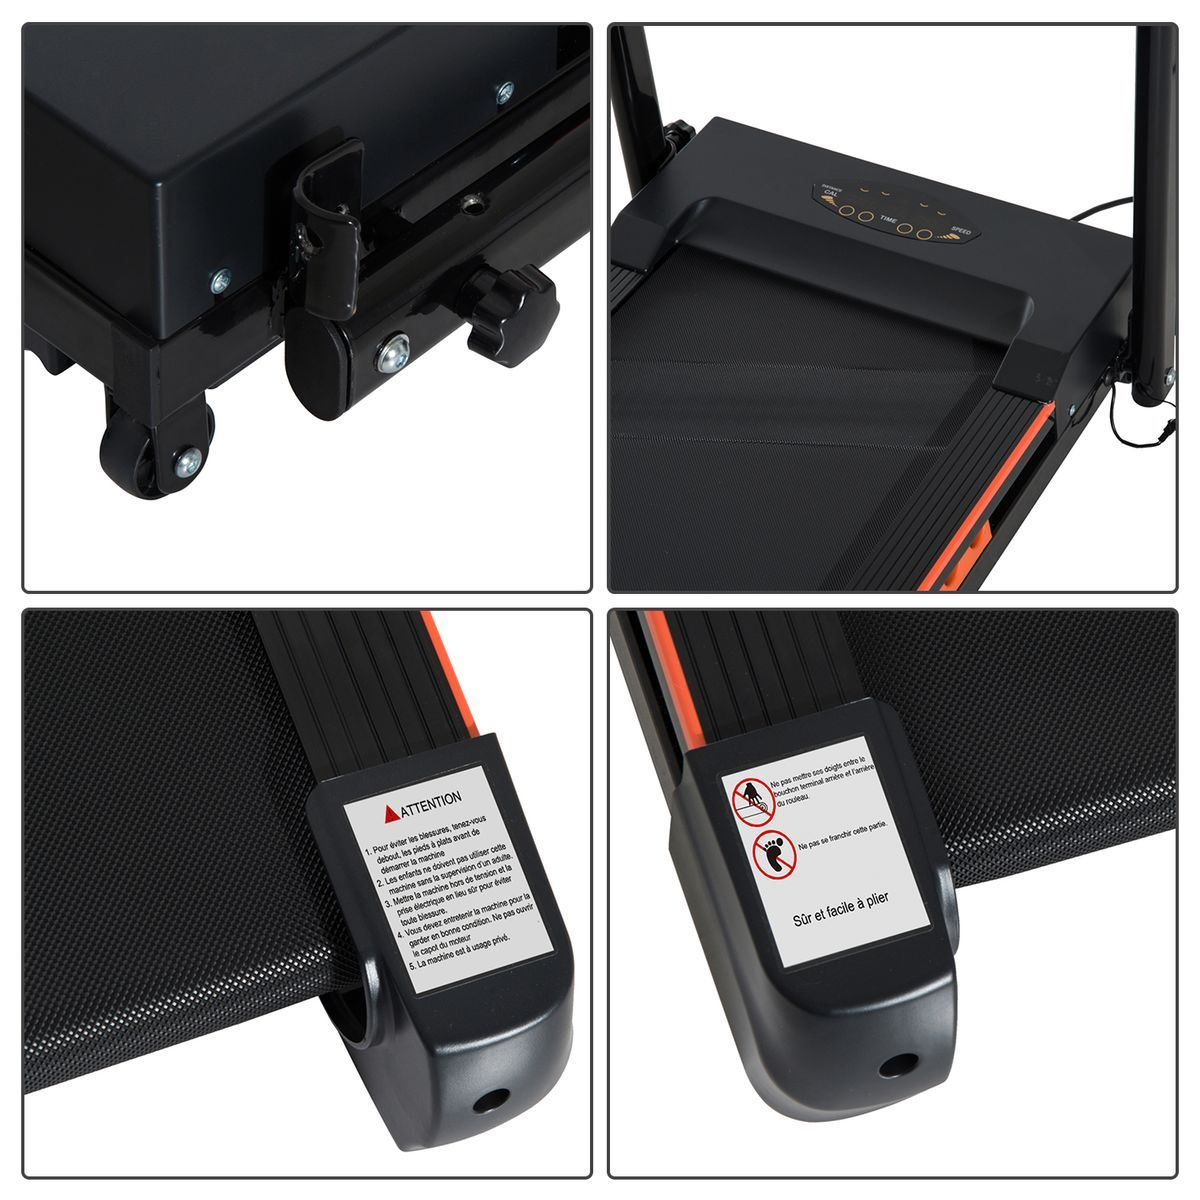 Tapis Roulant Electrique De Marche 370 W Taille Taille Unique In 2019 Products Tapis Roulant Electrique Tapis